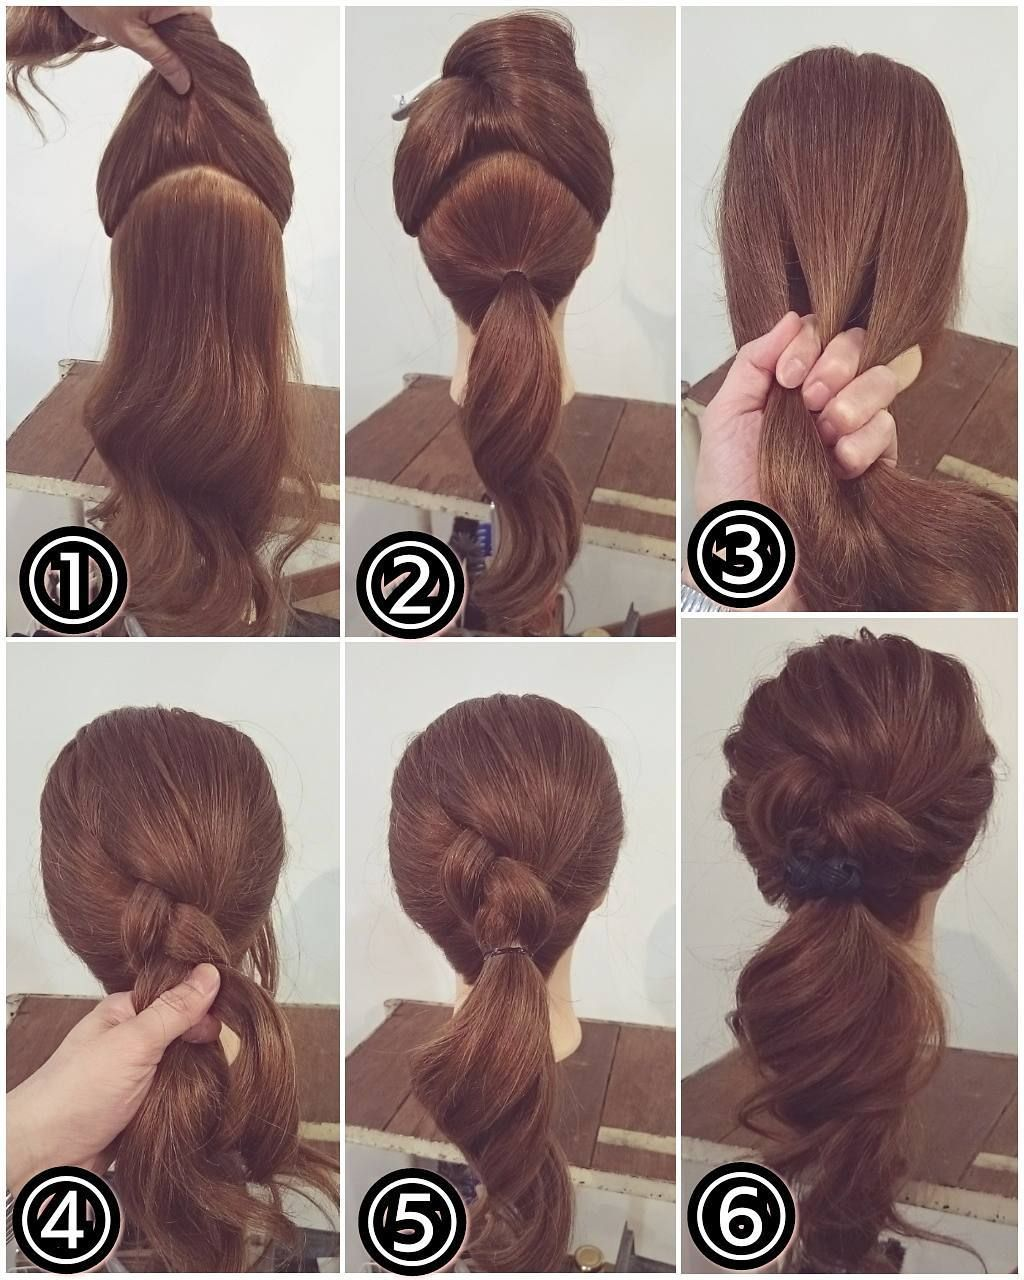 Pin by b w on hair ideas pinterest hair hair styles and braids